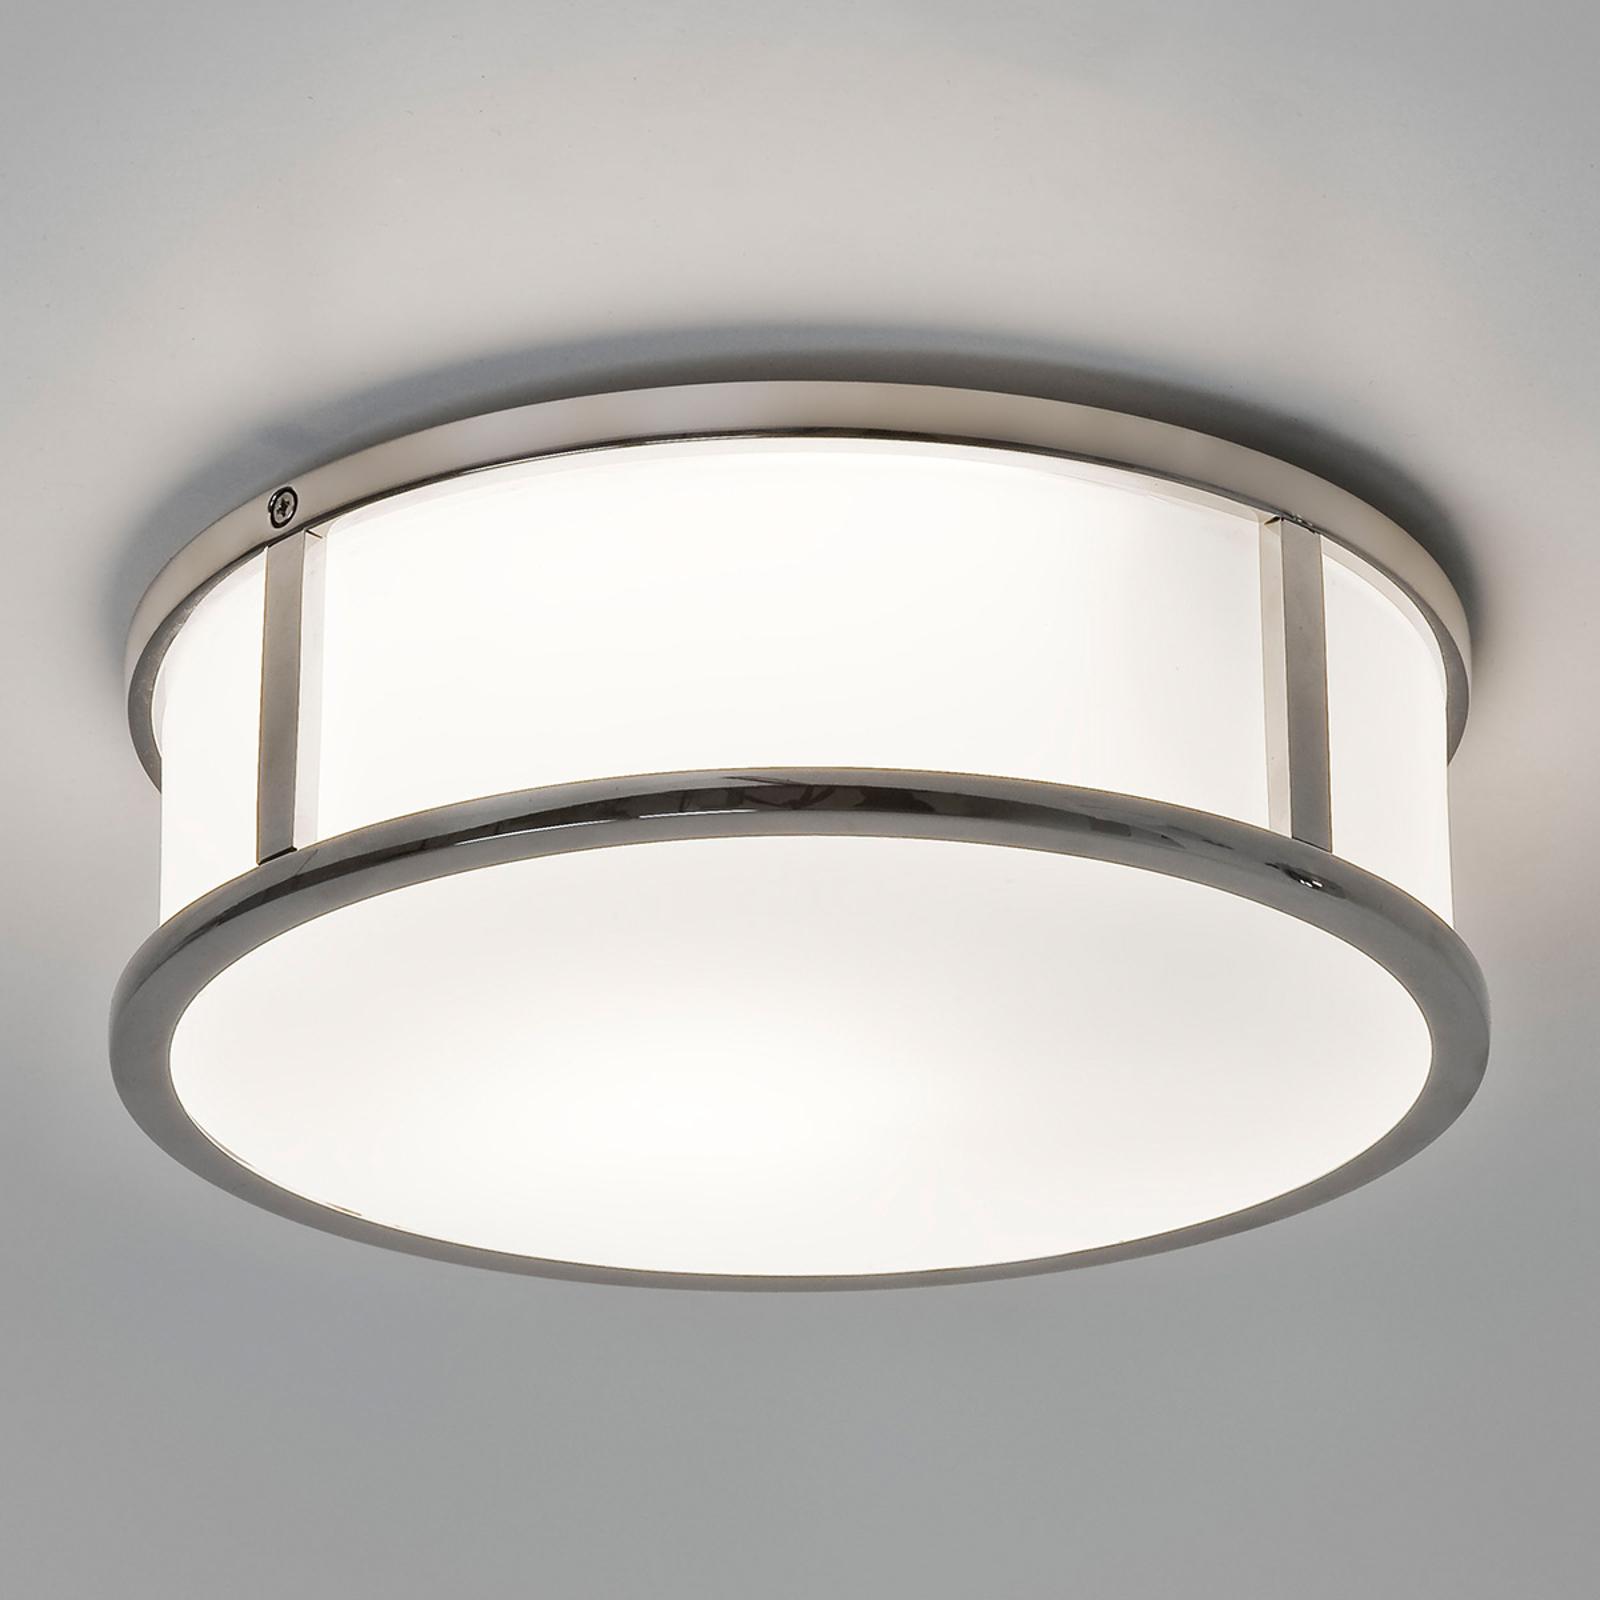 Astro Mashiko Round 230 lampa sufitowa, chrom